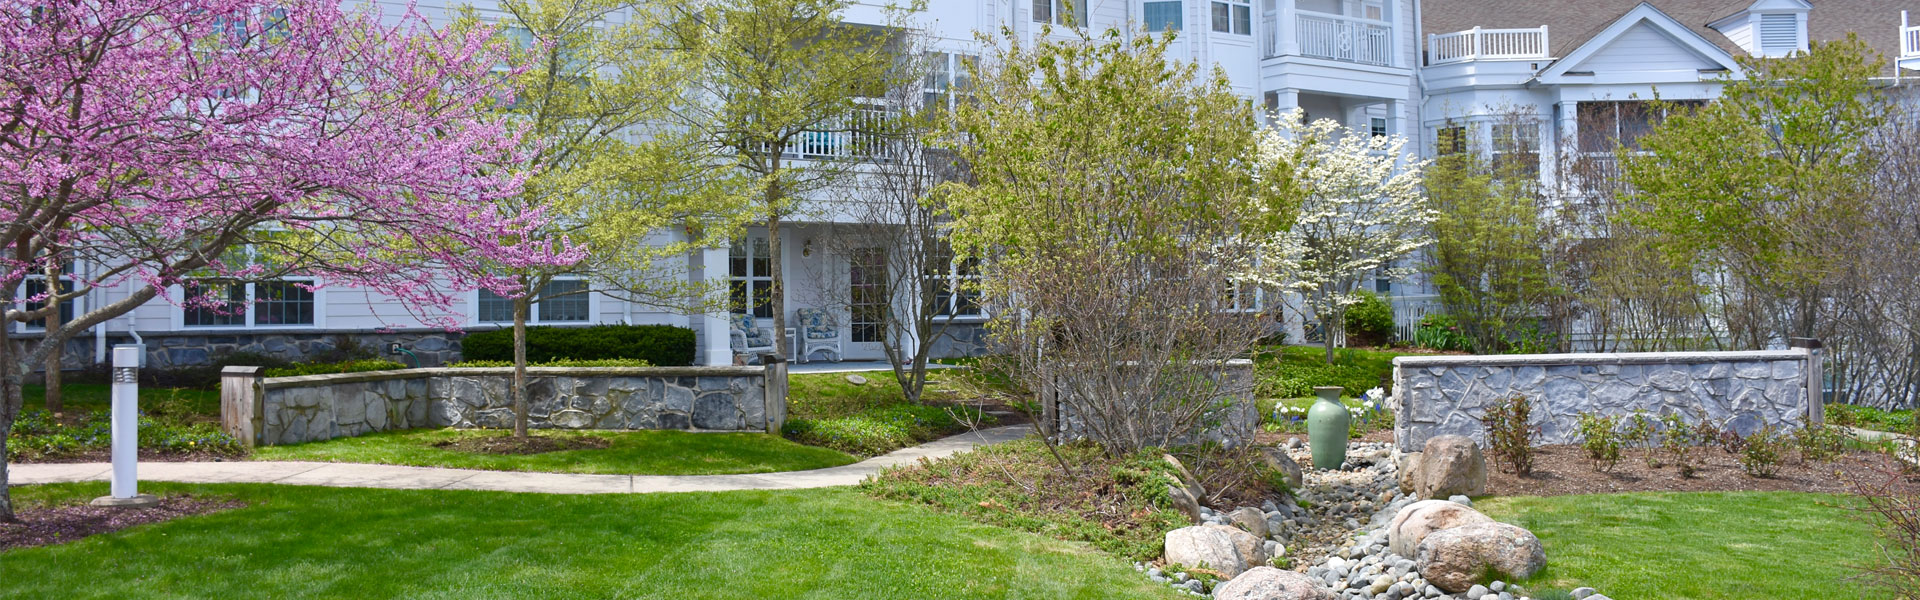 Campus Map StoneRidge Senior Living Community